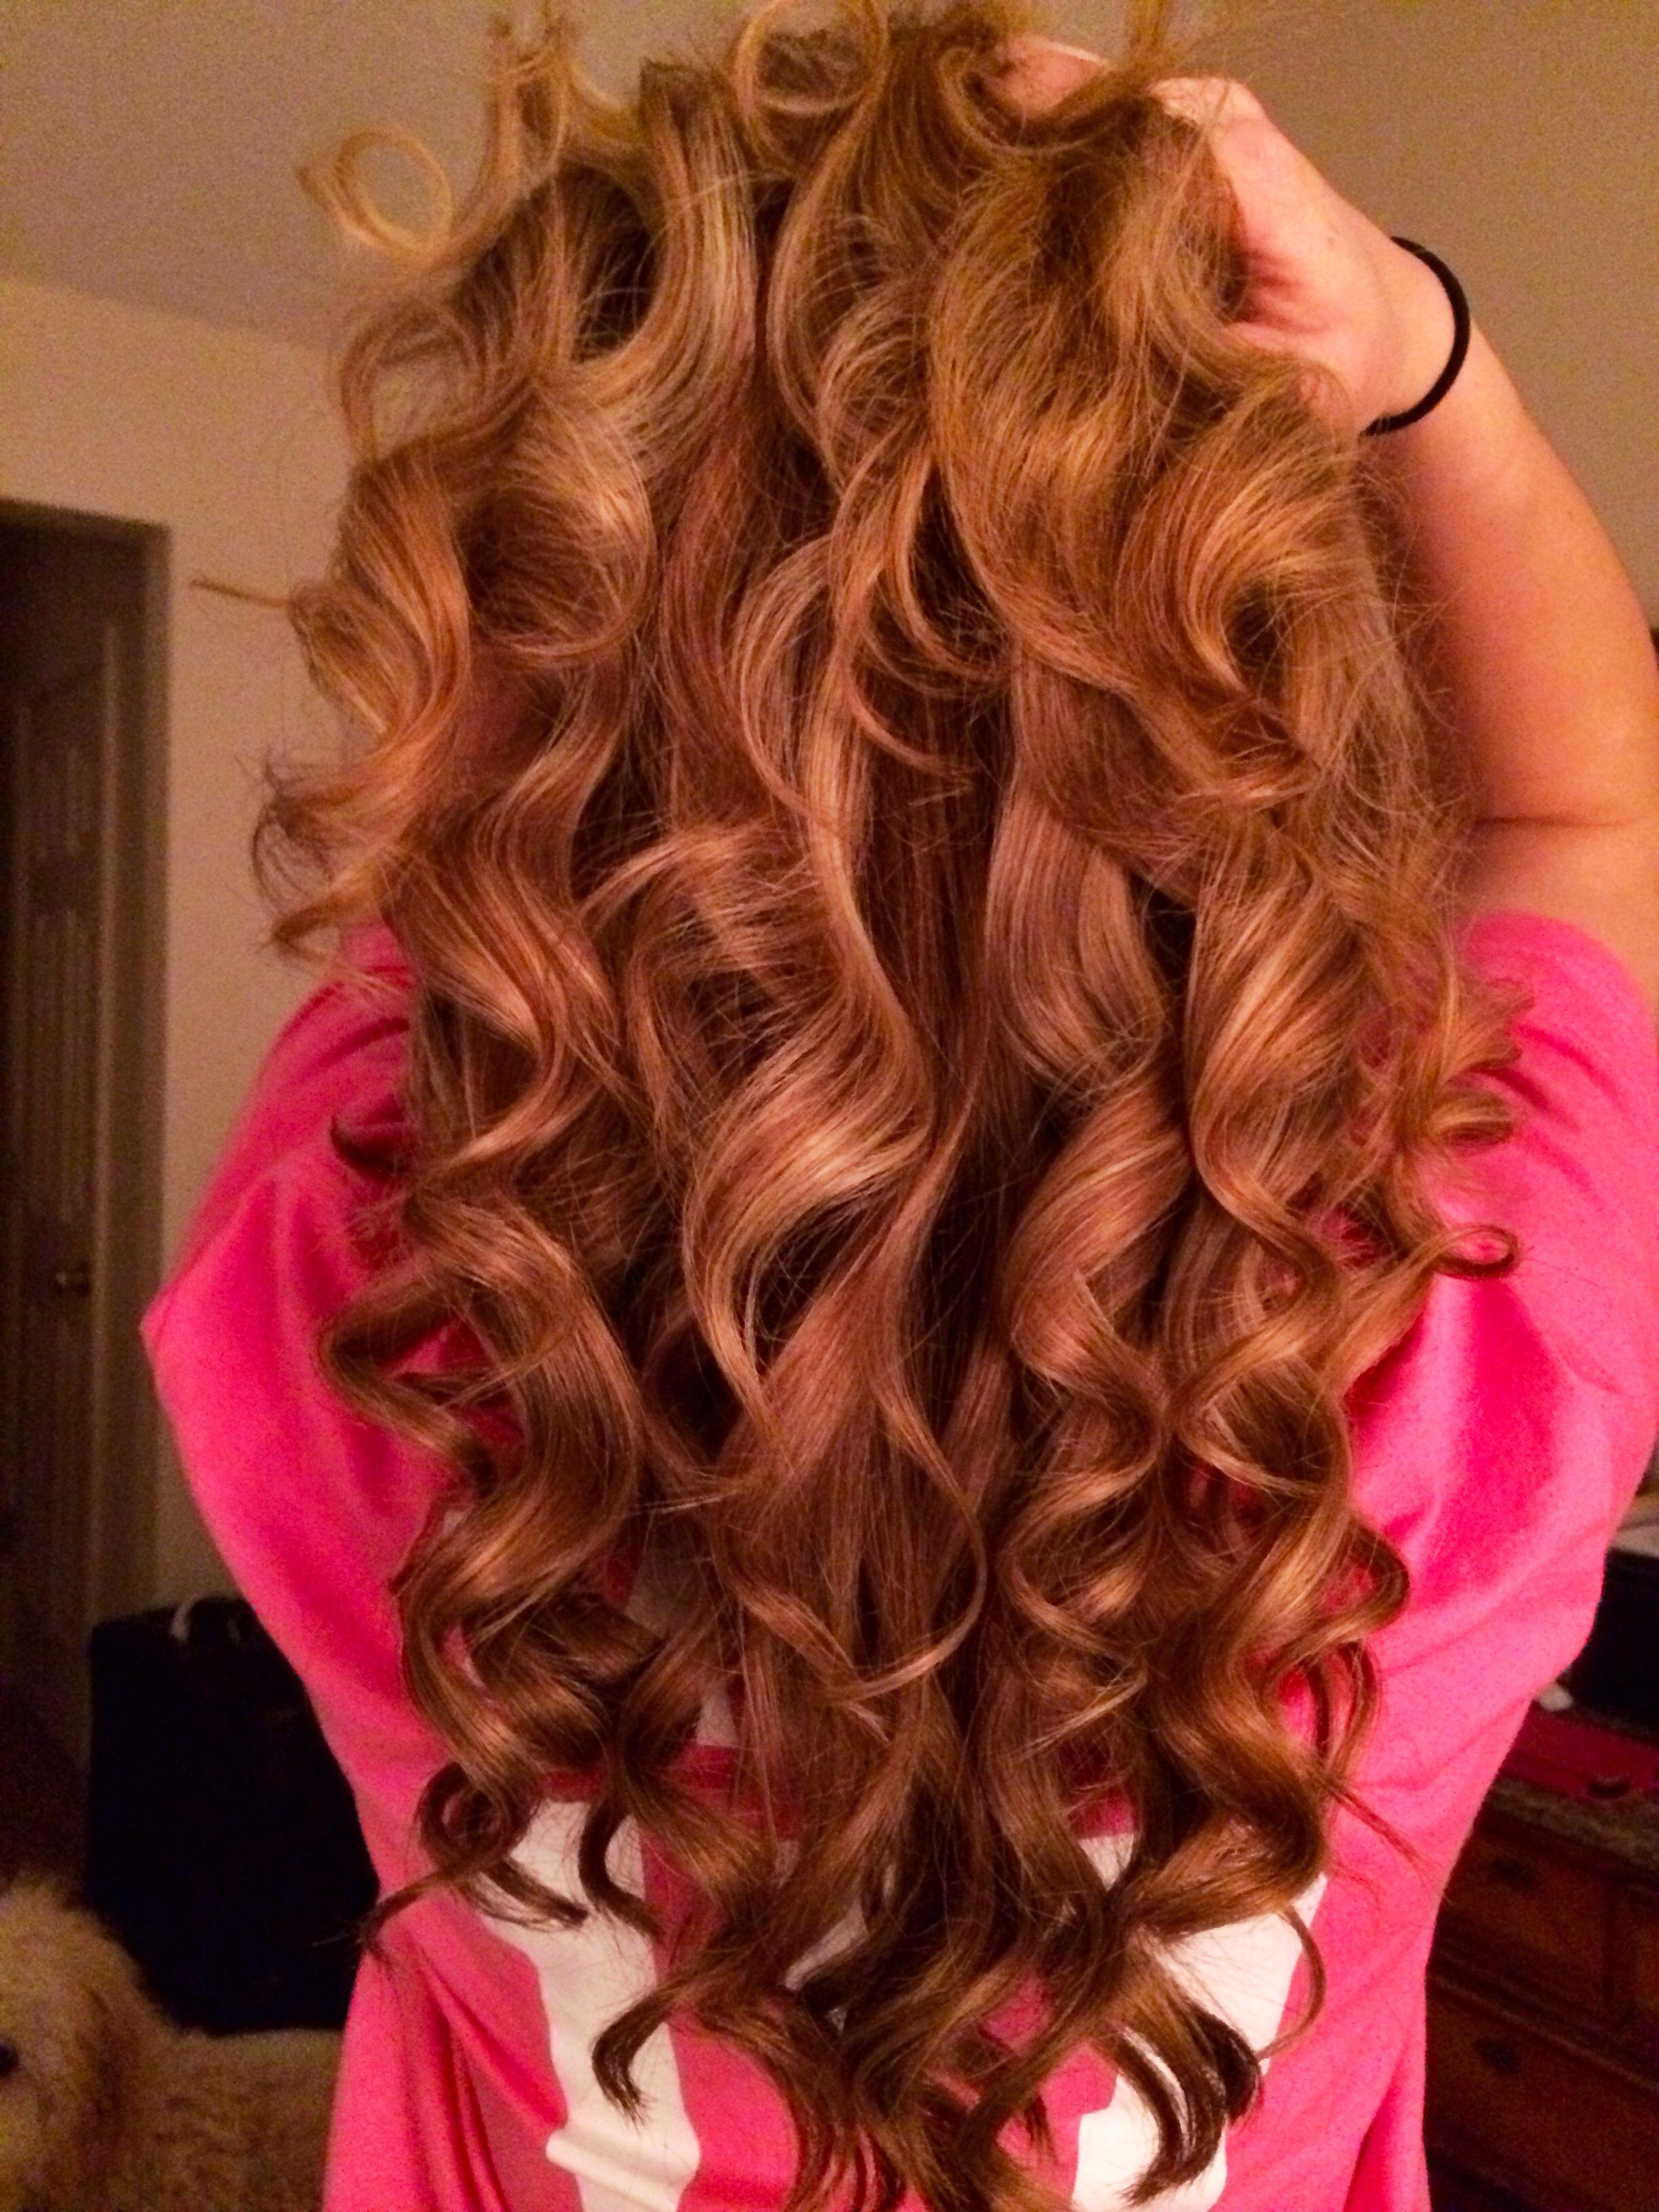 That hair<333